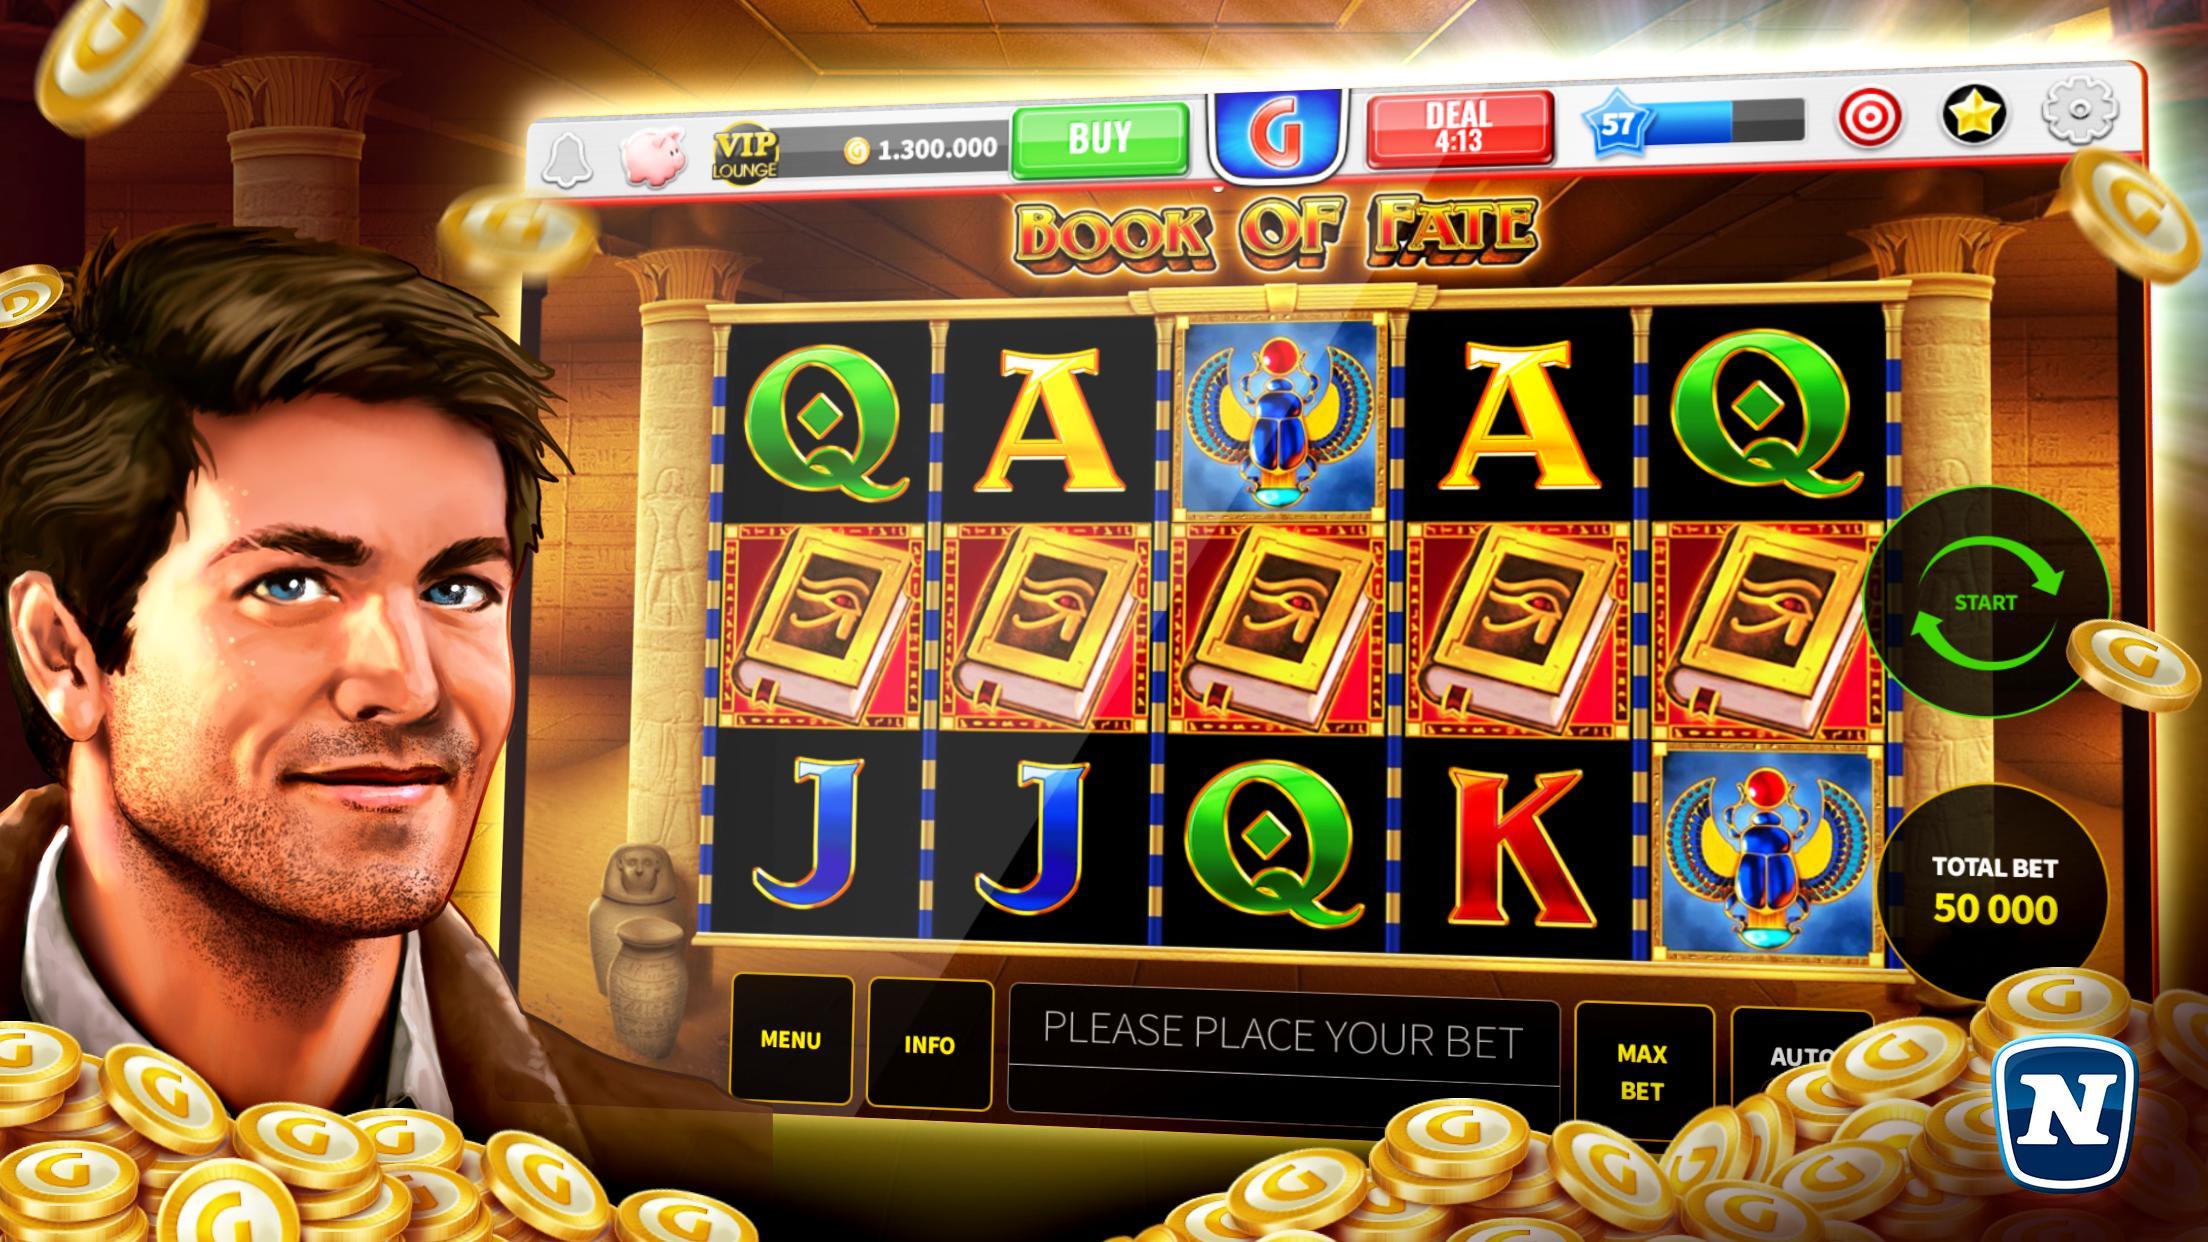 Игры игровые автоматы бесплатно гаминаторы бесплатно играть в игровые автоматы пасека